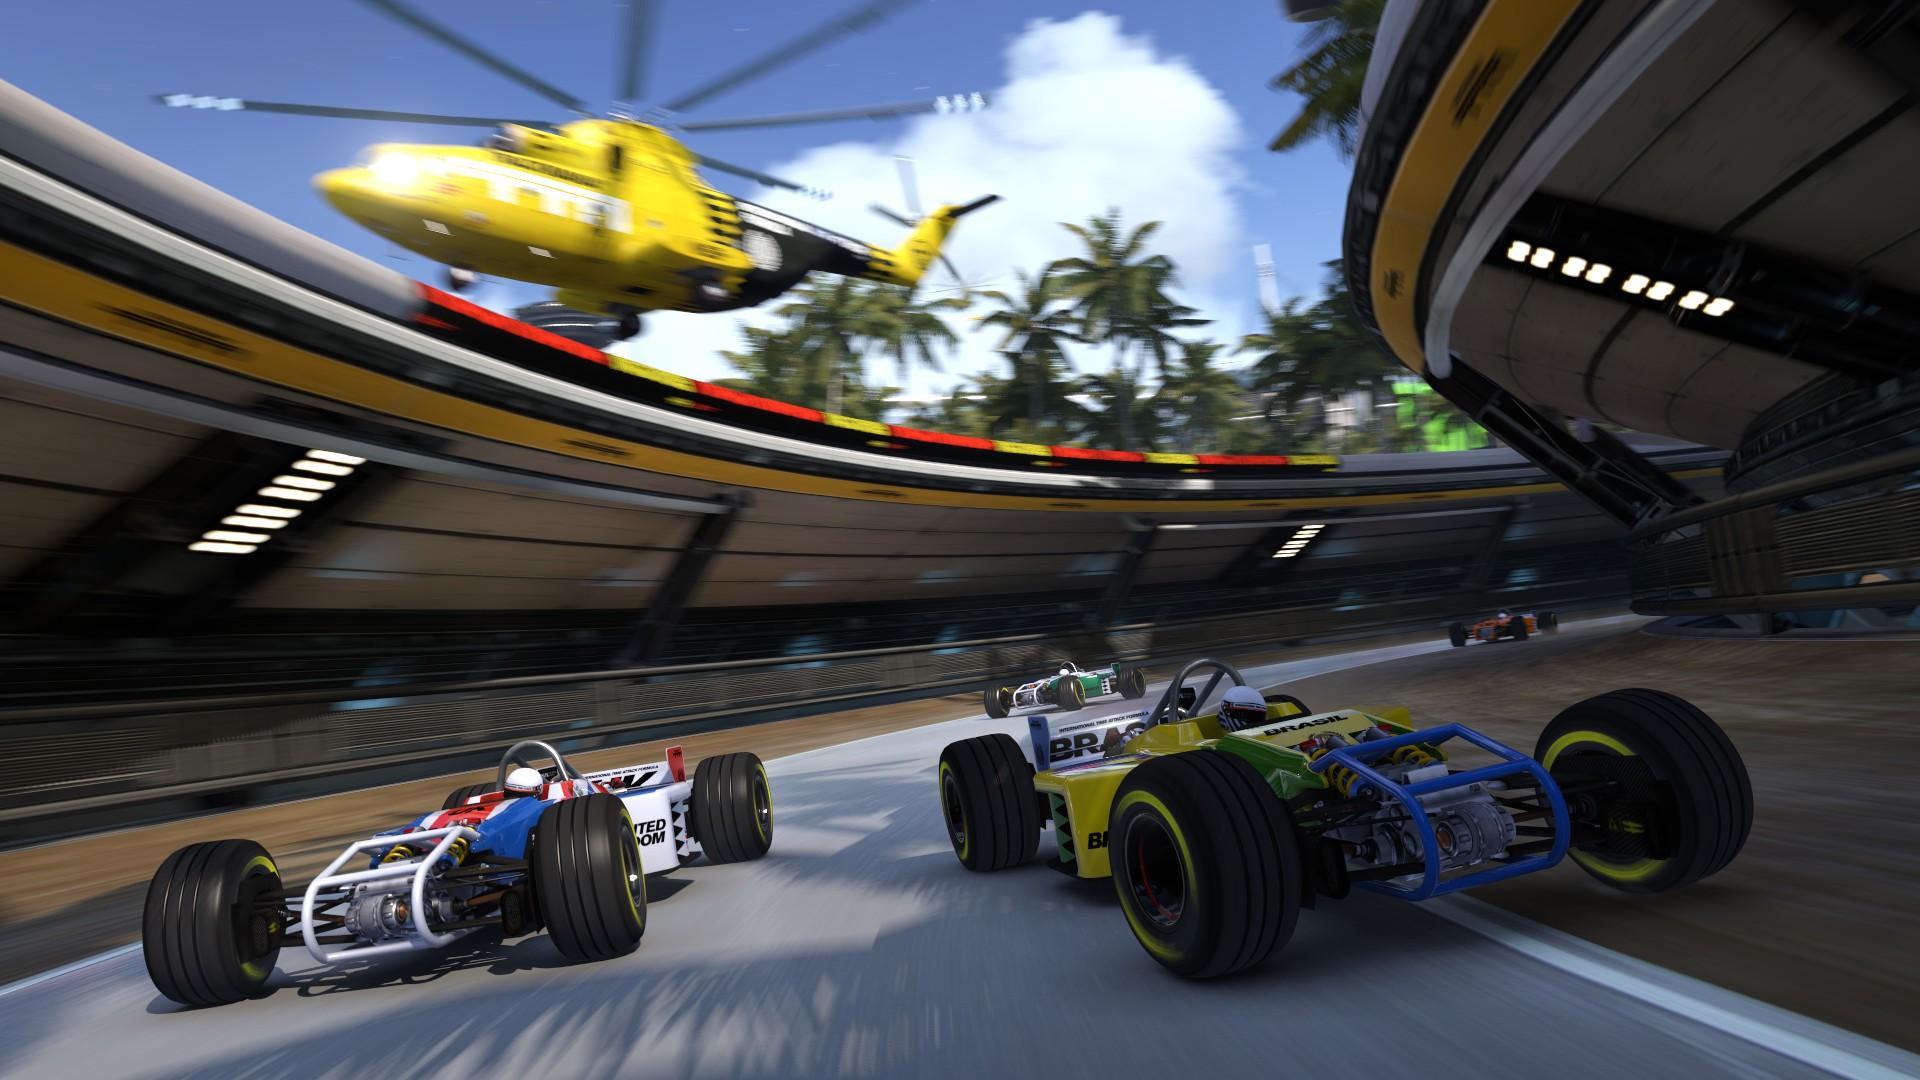 TrackMania Turbo cikis videosu